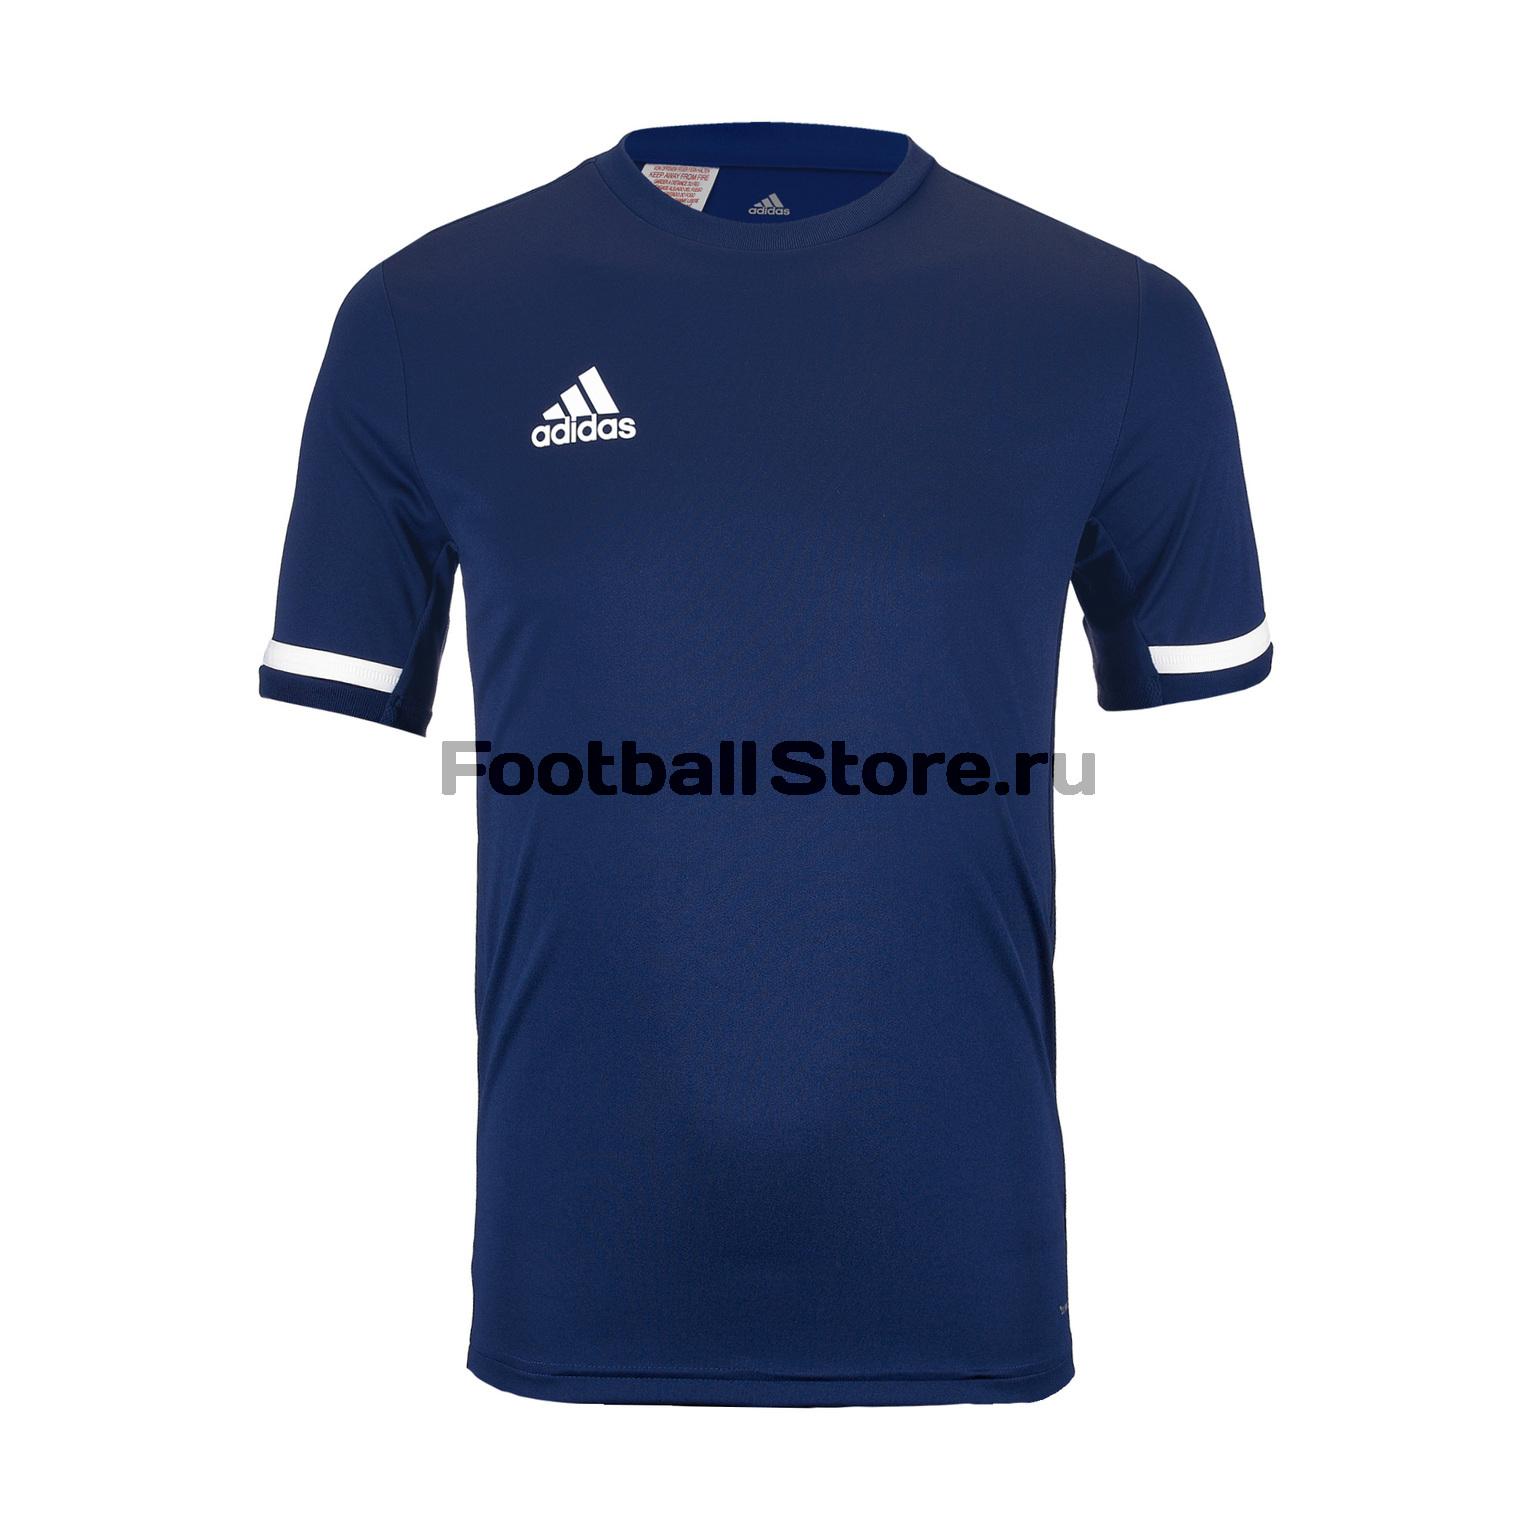 Футболка тренировочная подростковая Adidas T19 SS DY8844 все цены